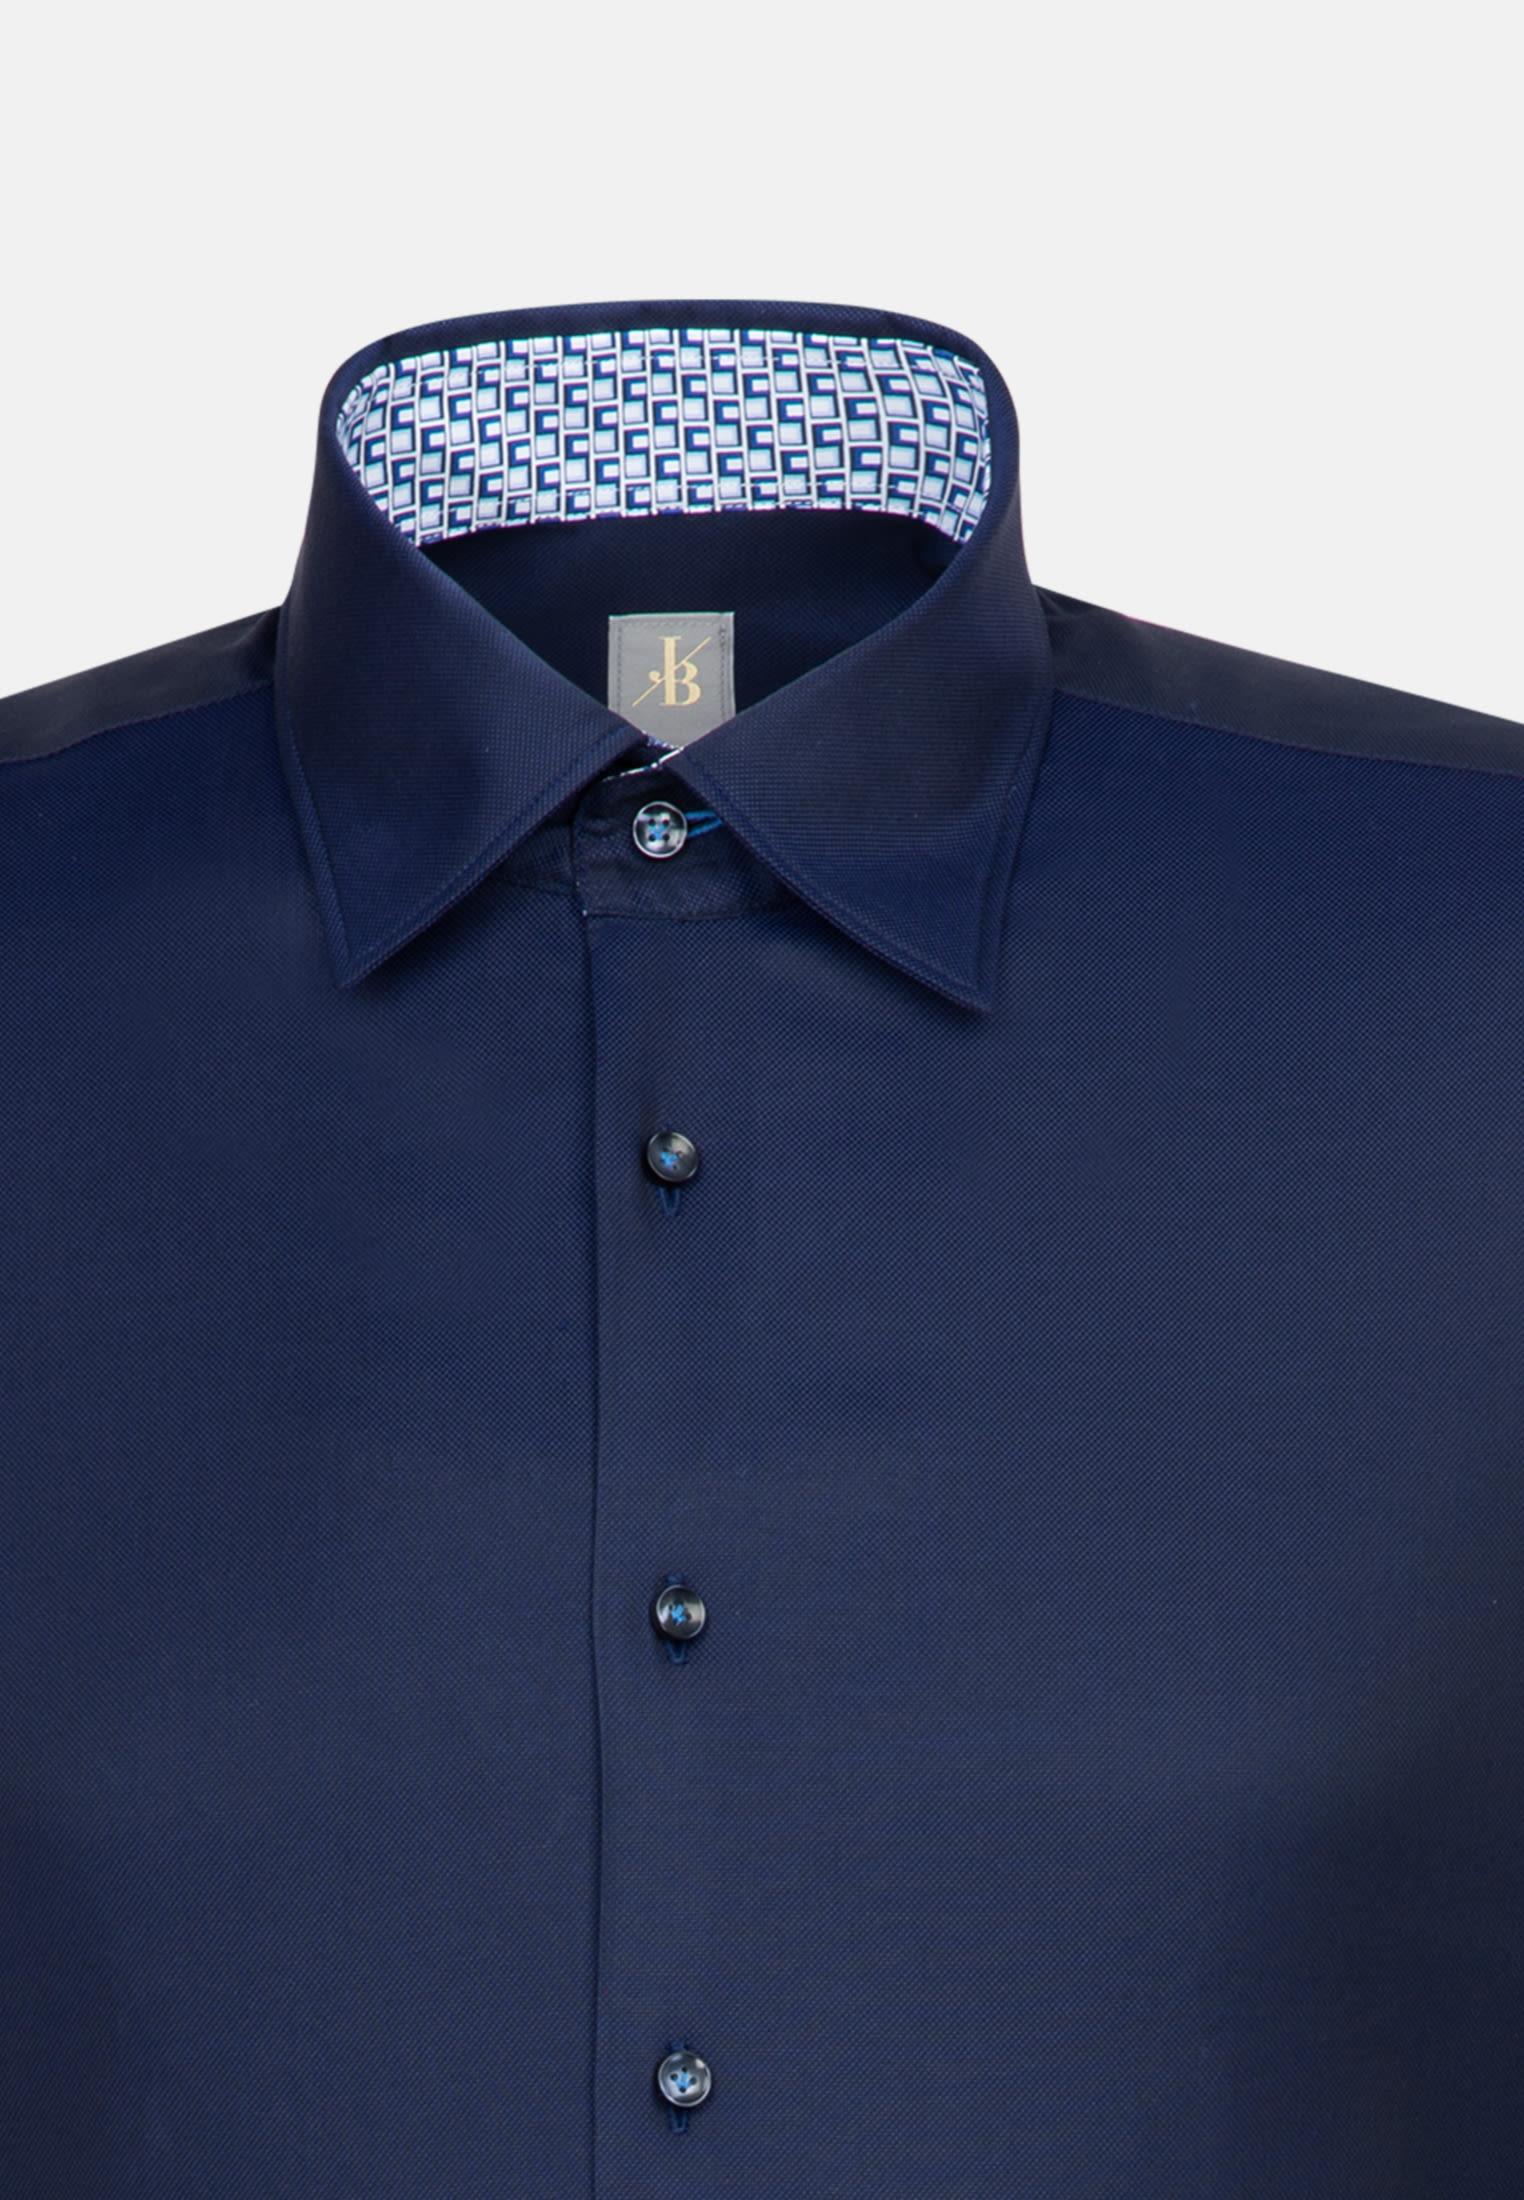 Struktur Business Hemd in Custom Fit mit Under-Button-Down-Kragen in Dunkelblau    Jacques Britt Onlineshop